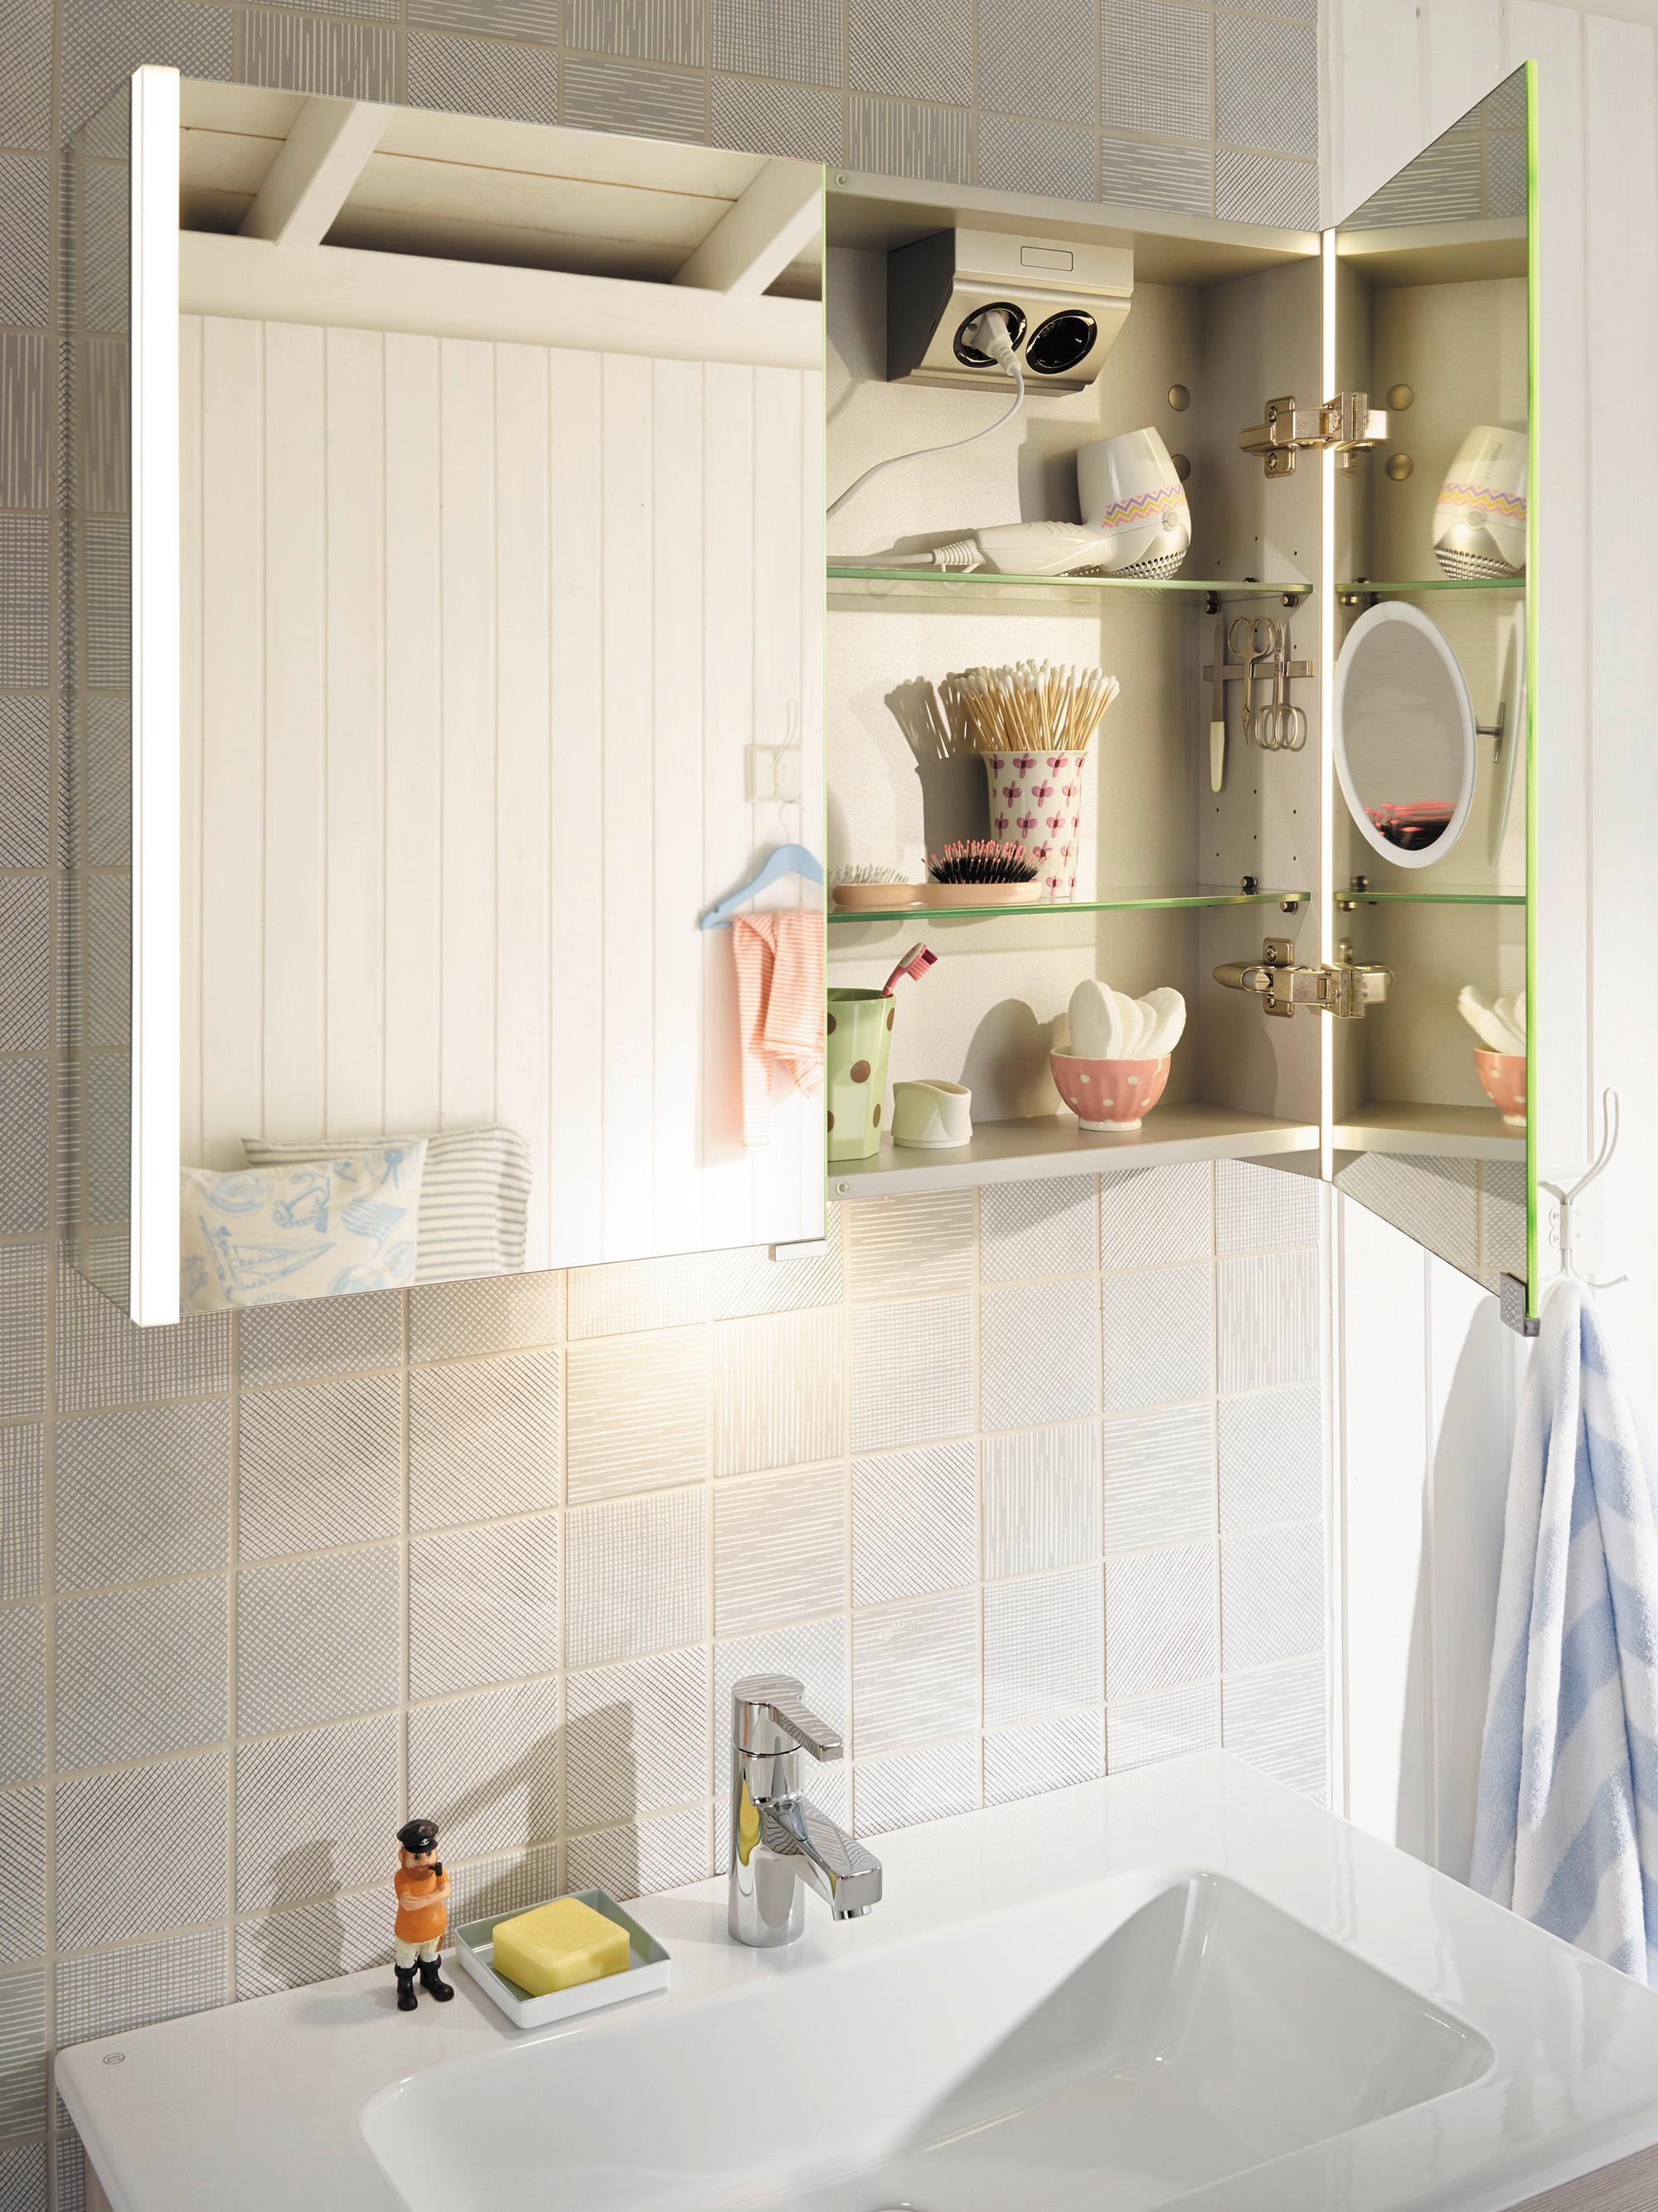 burgbad Bel Spiegelschrank mit LED-Beleuchtung #bad ...